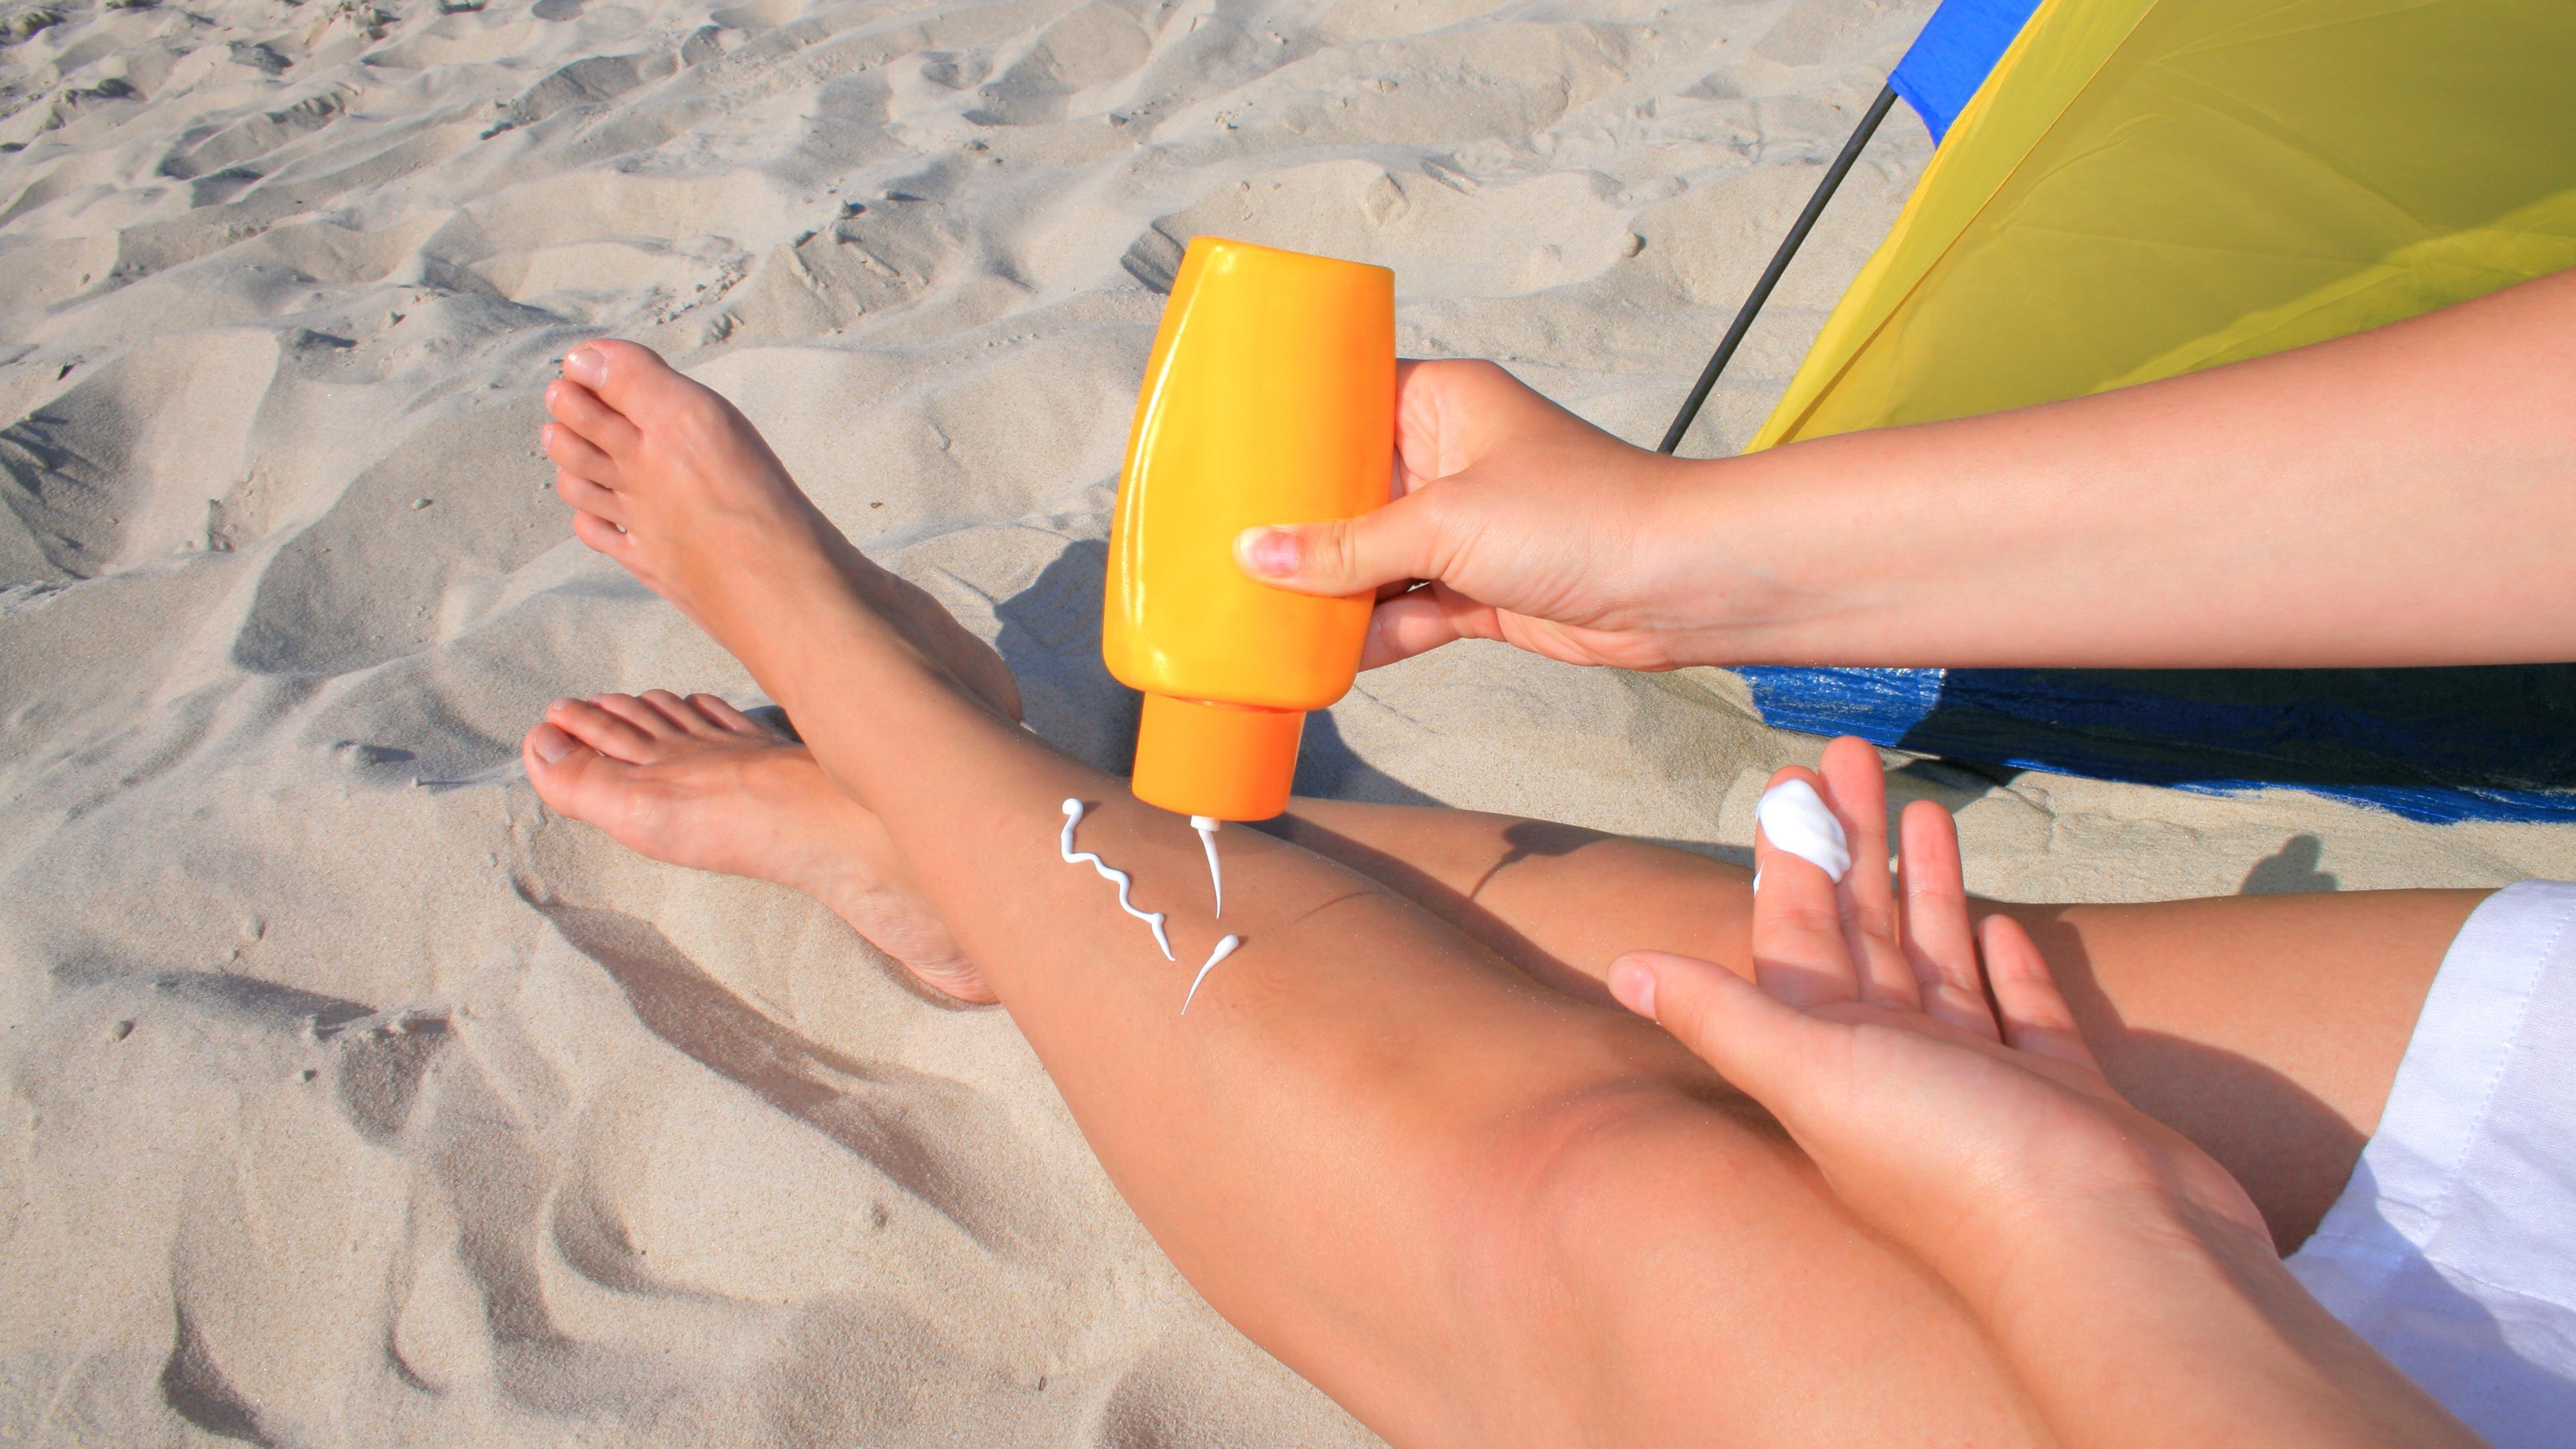 Wenn Sonnencreme auf der Kleidung landet, können schnell unschöne Flecken entstehen.